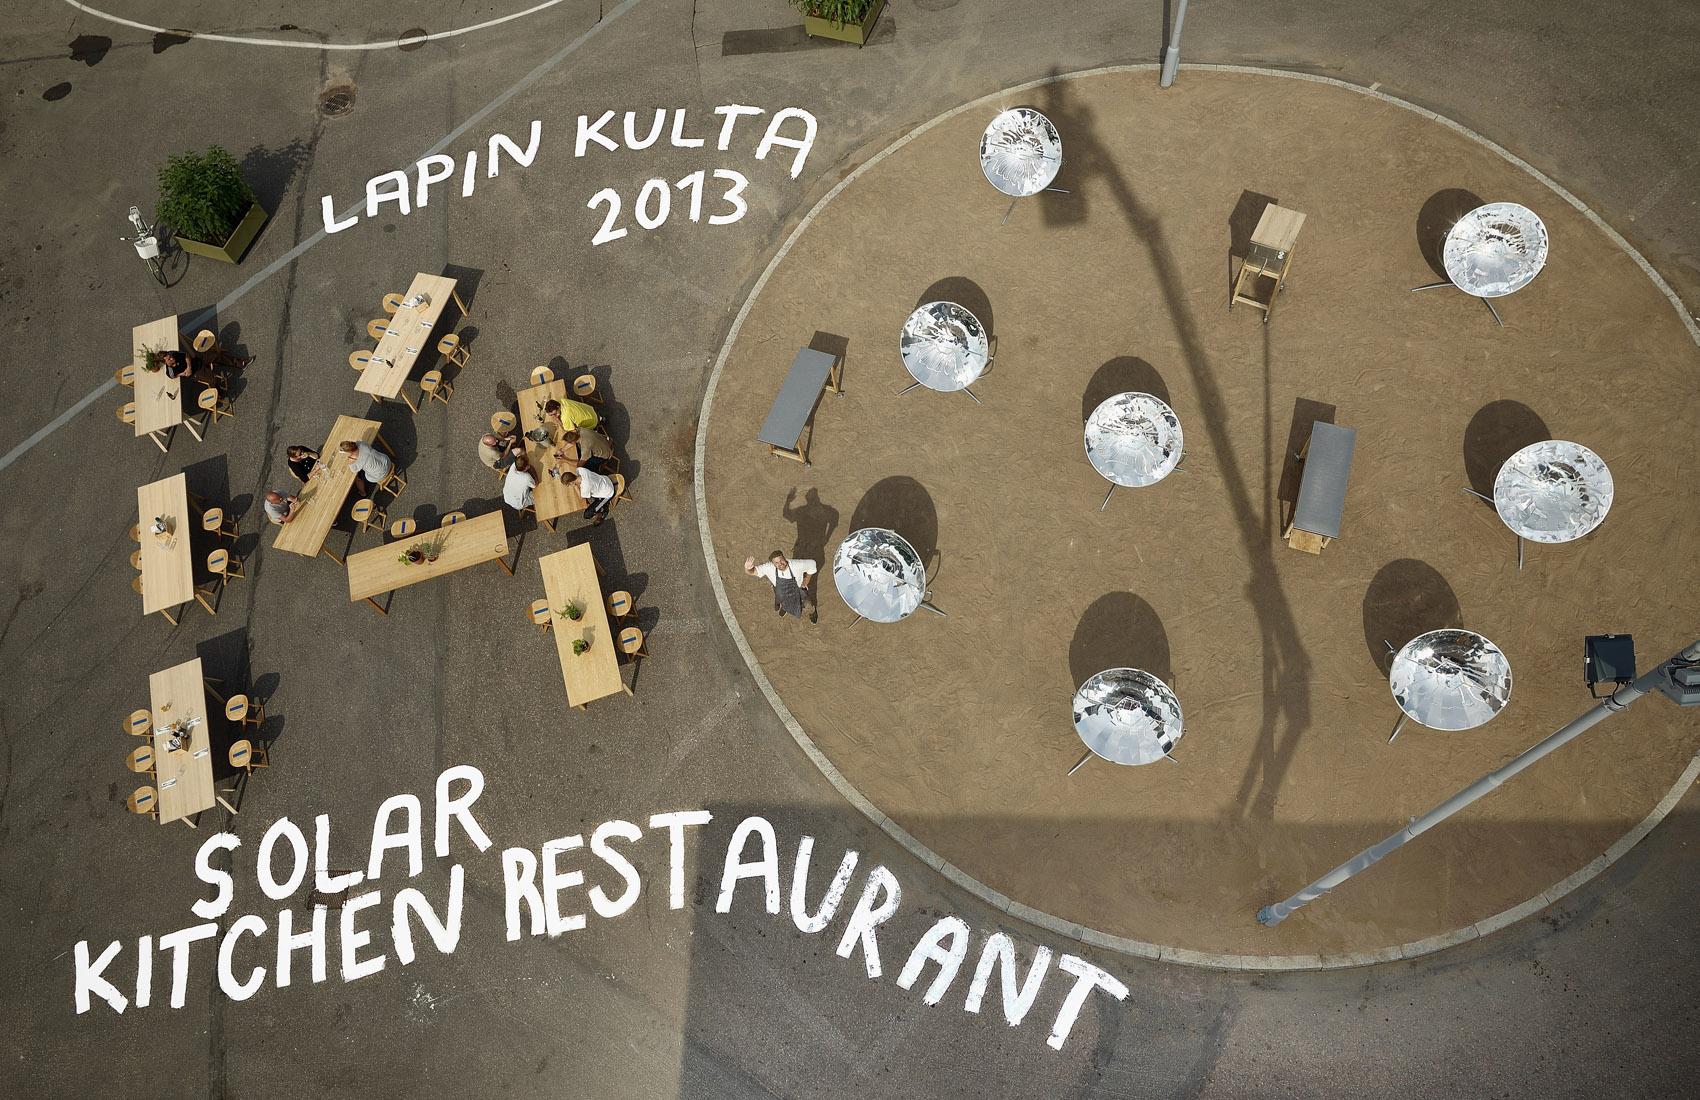 Solar Kitchen Restaurant 2013